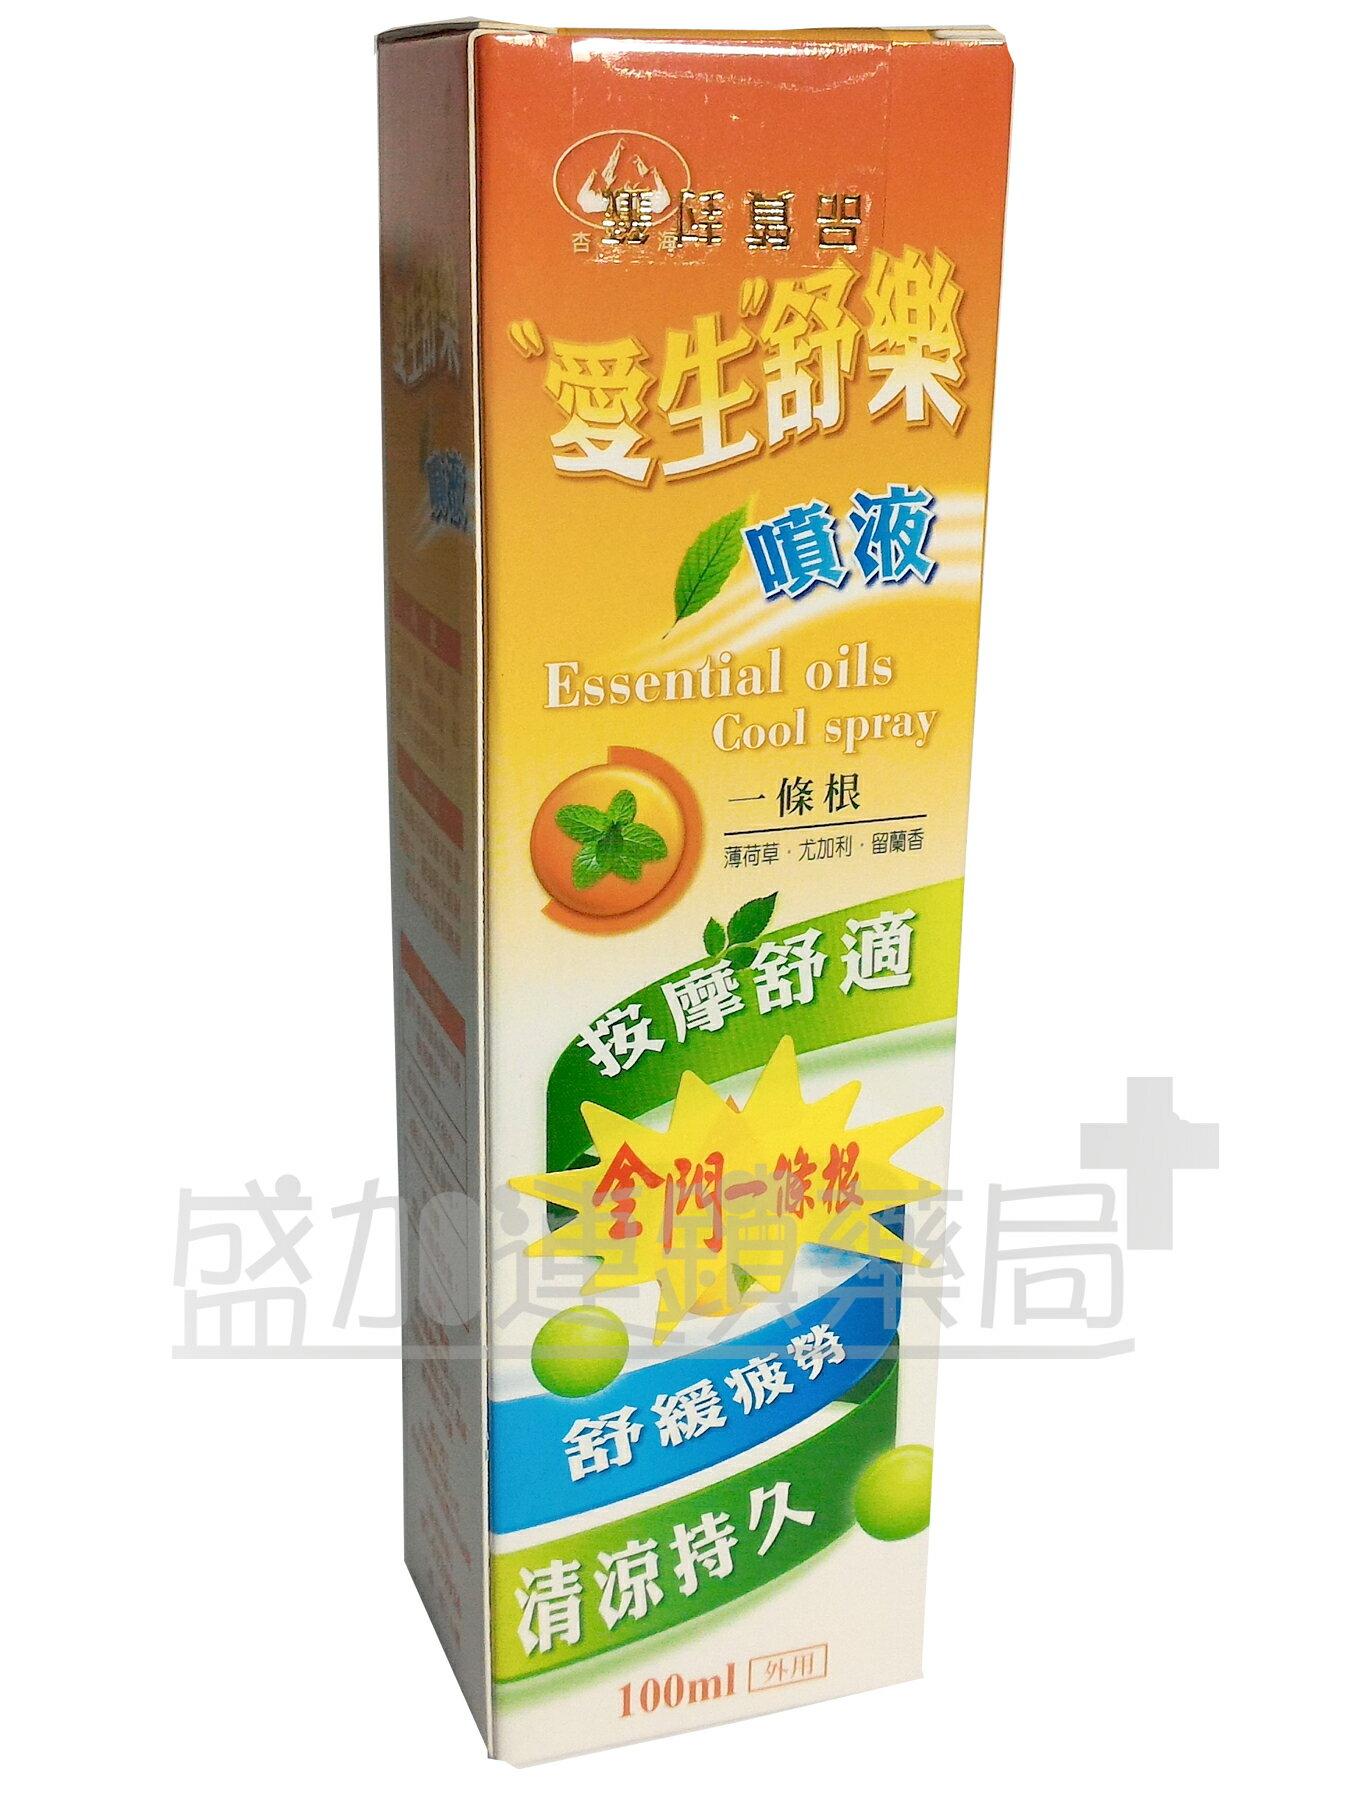 杏海一條根 愛生舒樂噴劑100mL 《盛加連鎖藥局》